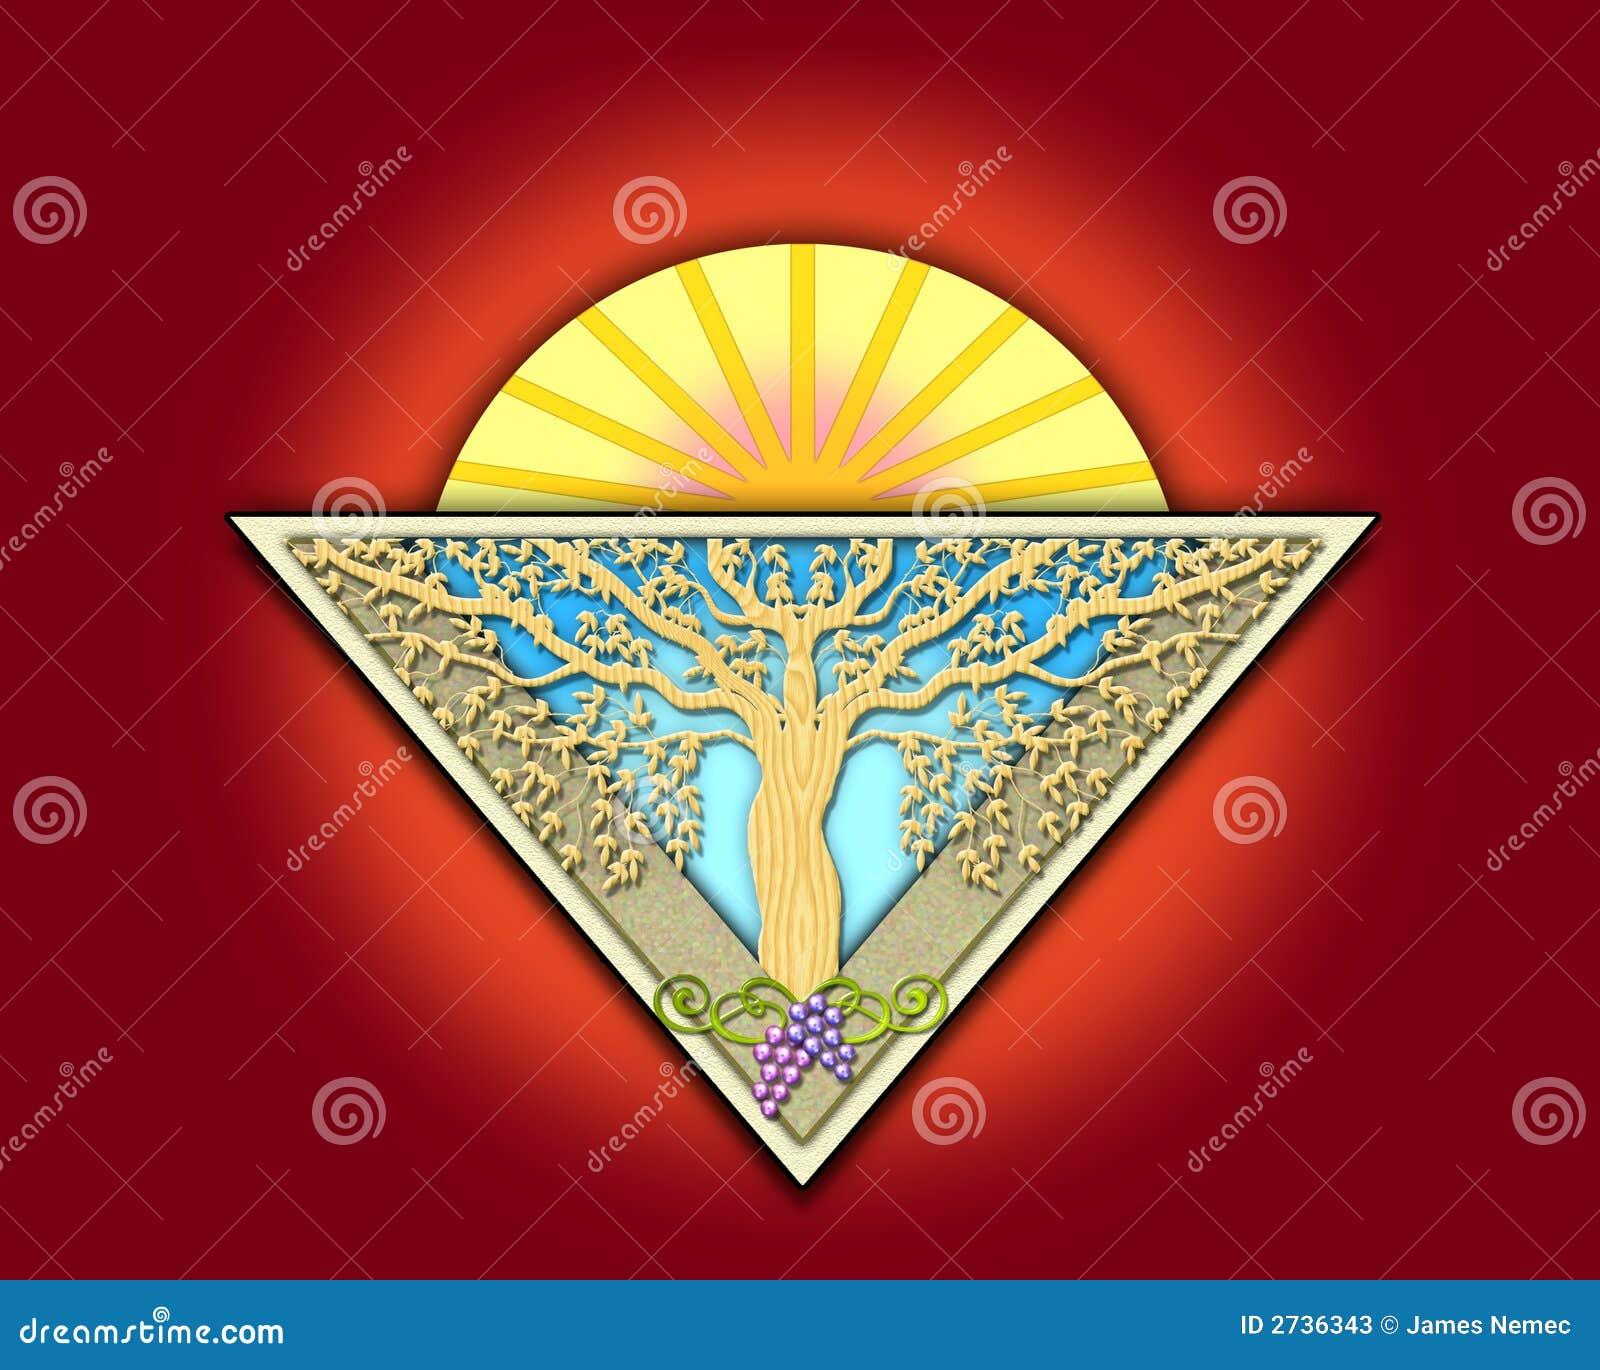 Art deco garden tile stock photos image 2736343 - Art deco gardinen ...